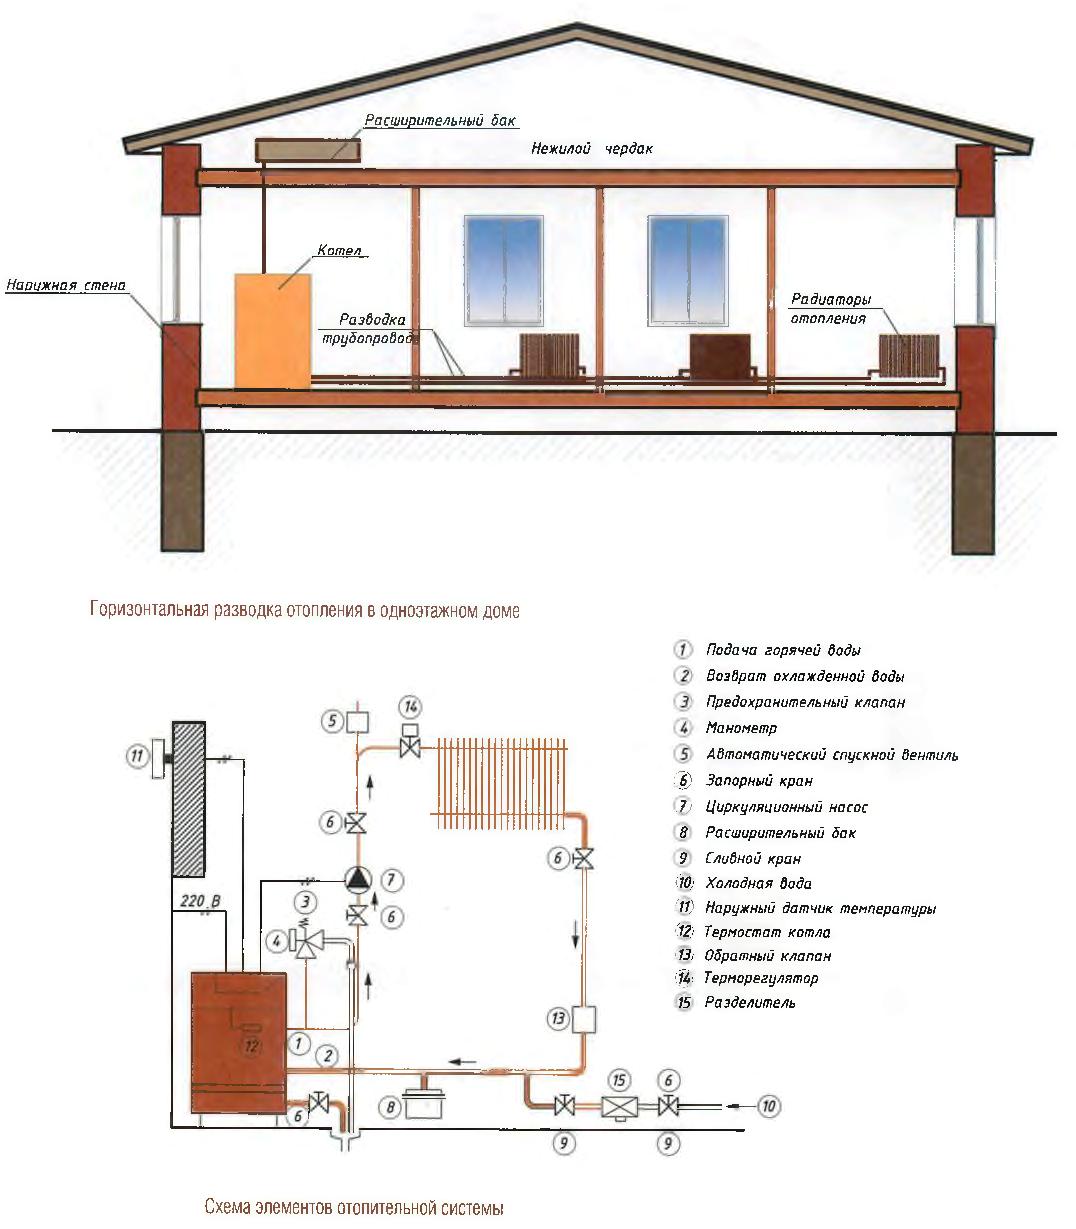 Электрическое отопление в частном доме своими руками схема